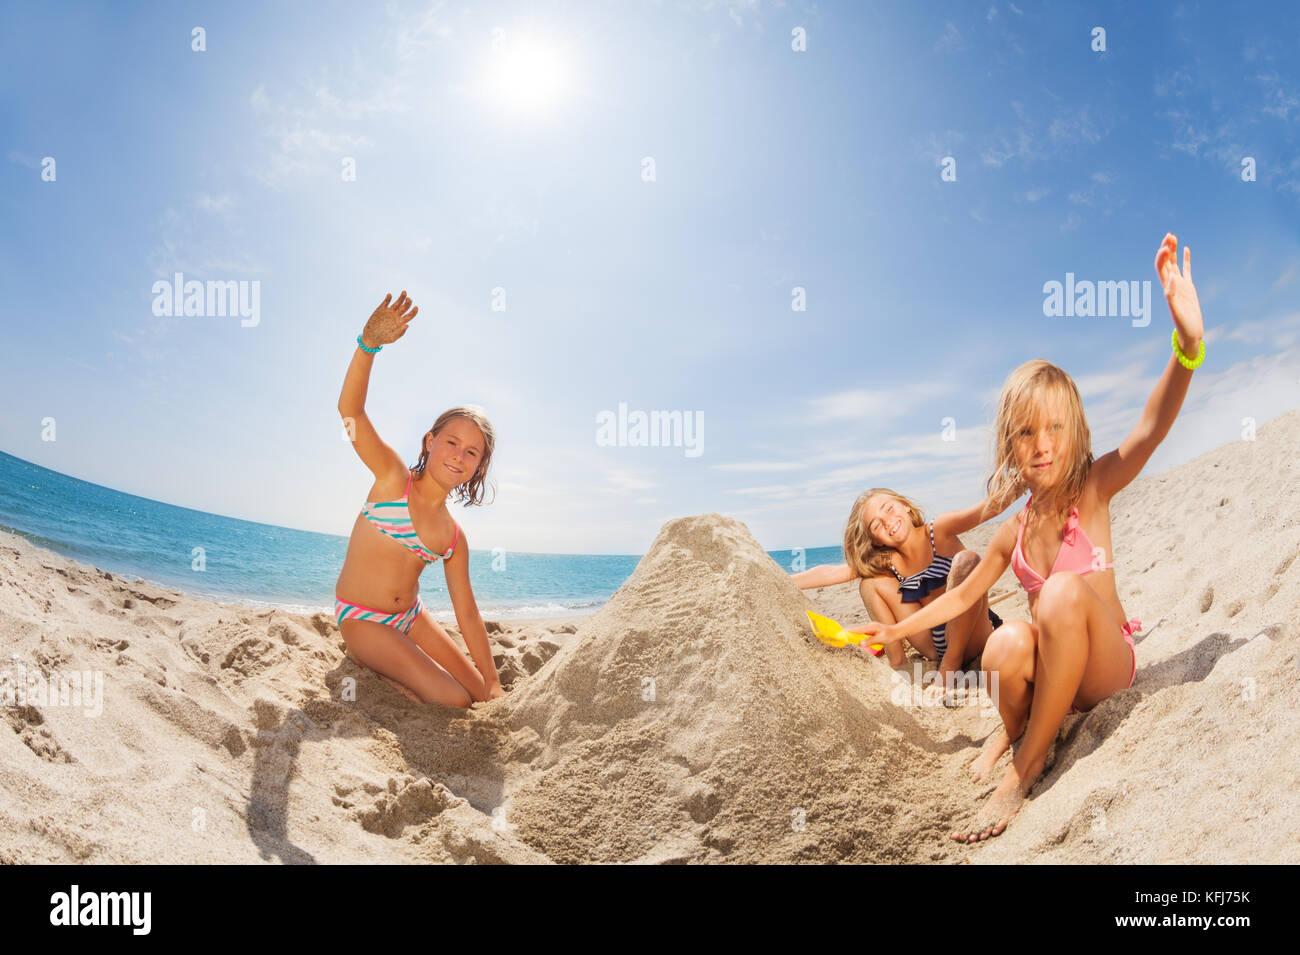 Ritratto di tre ragazze felici in costume da bagno la riproduzione